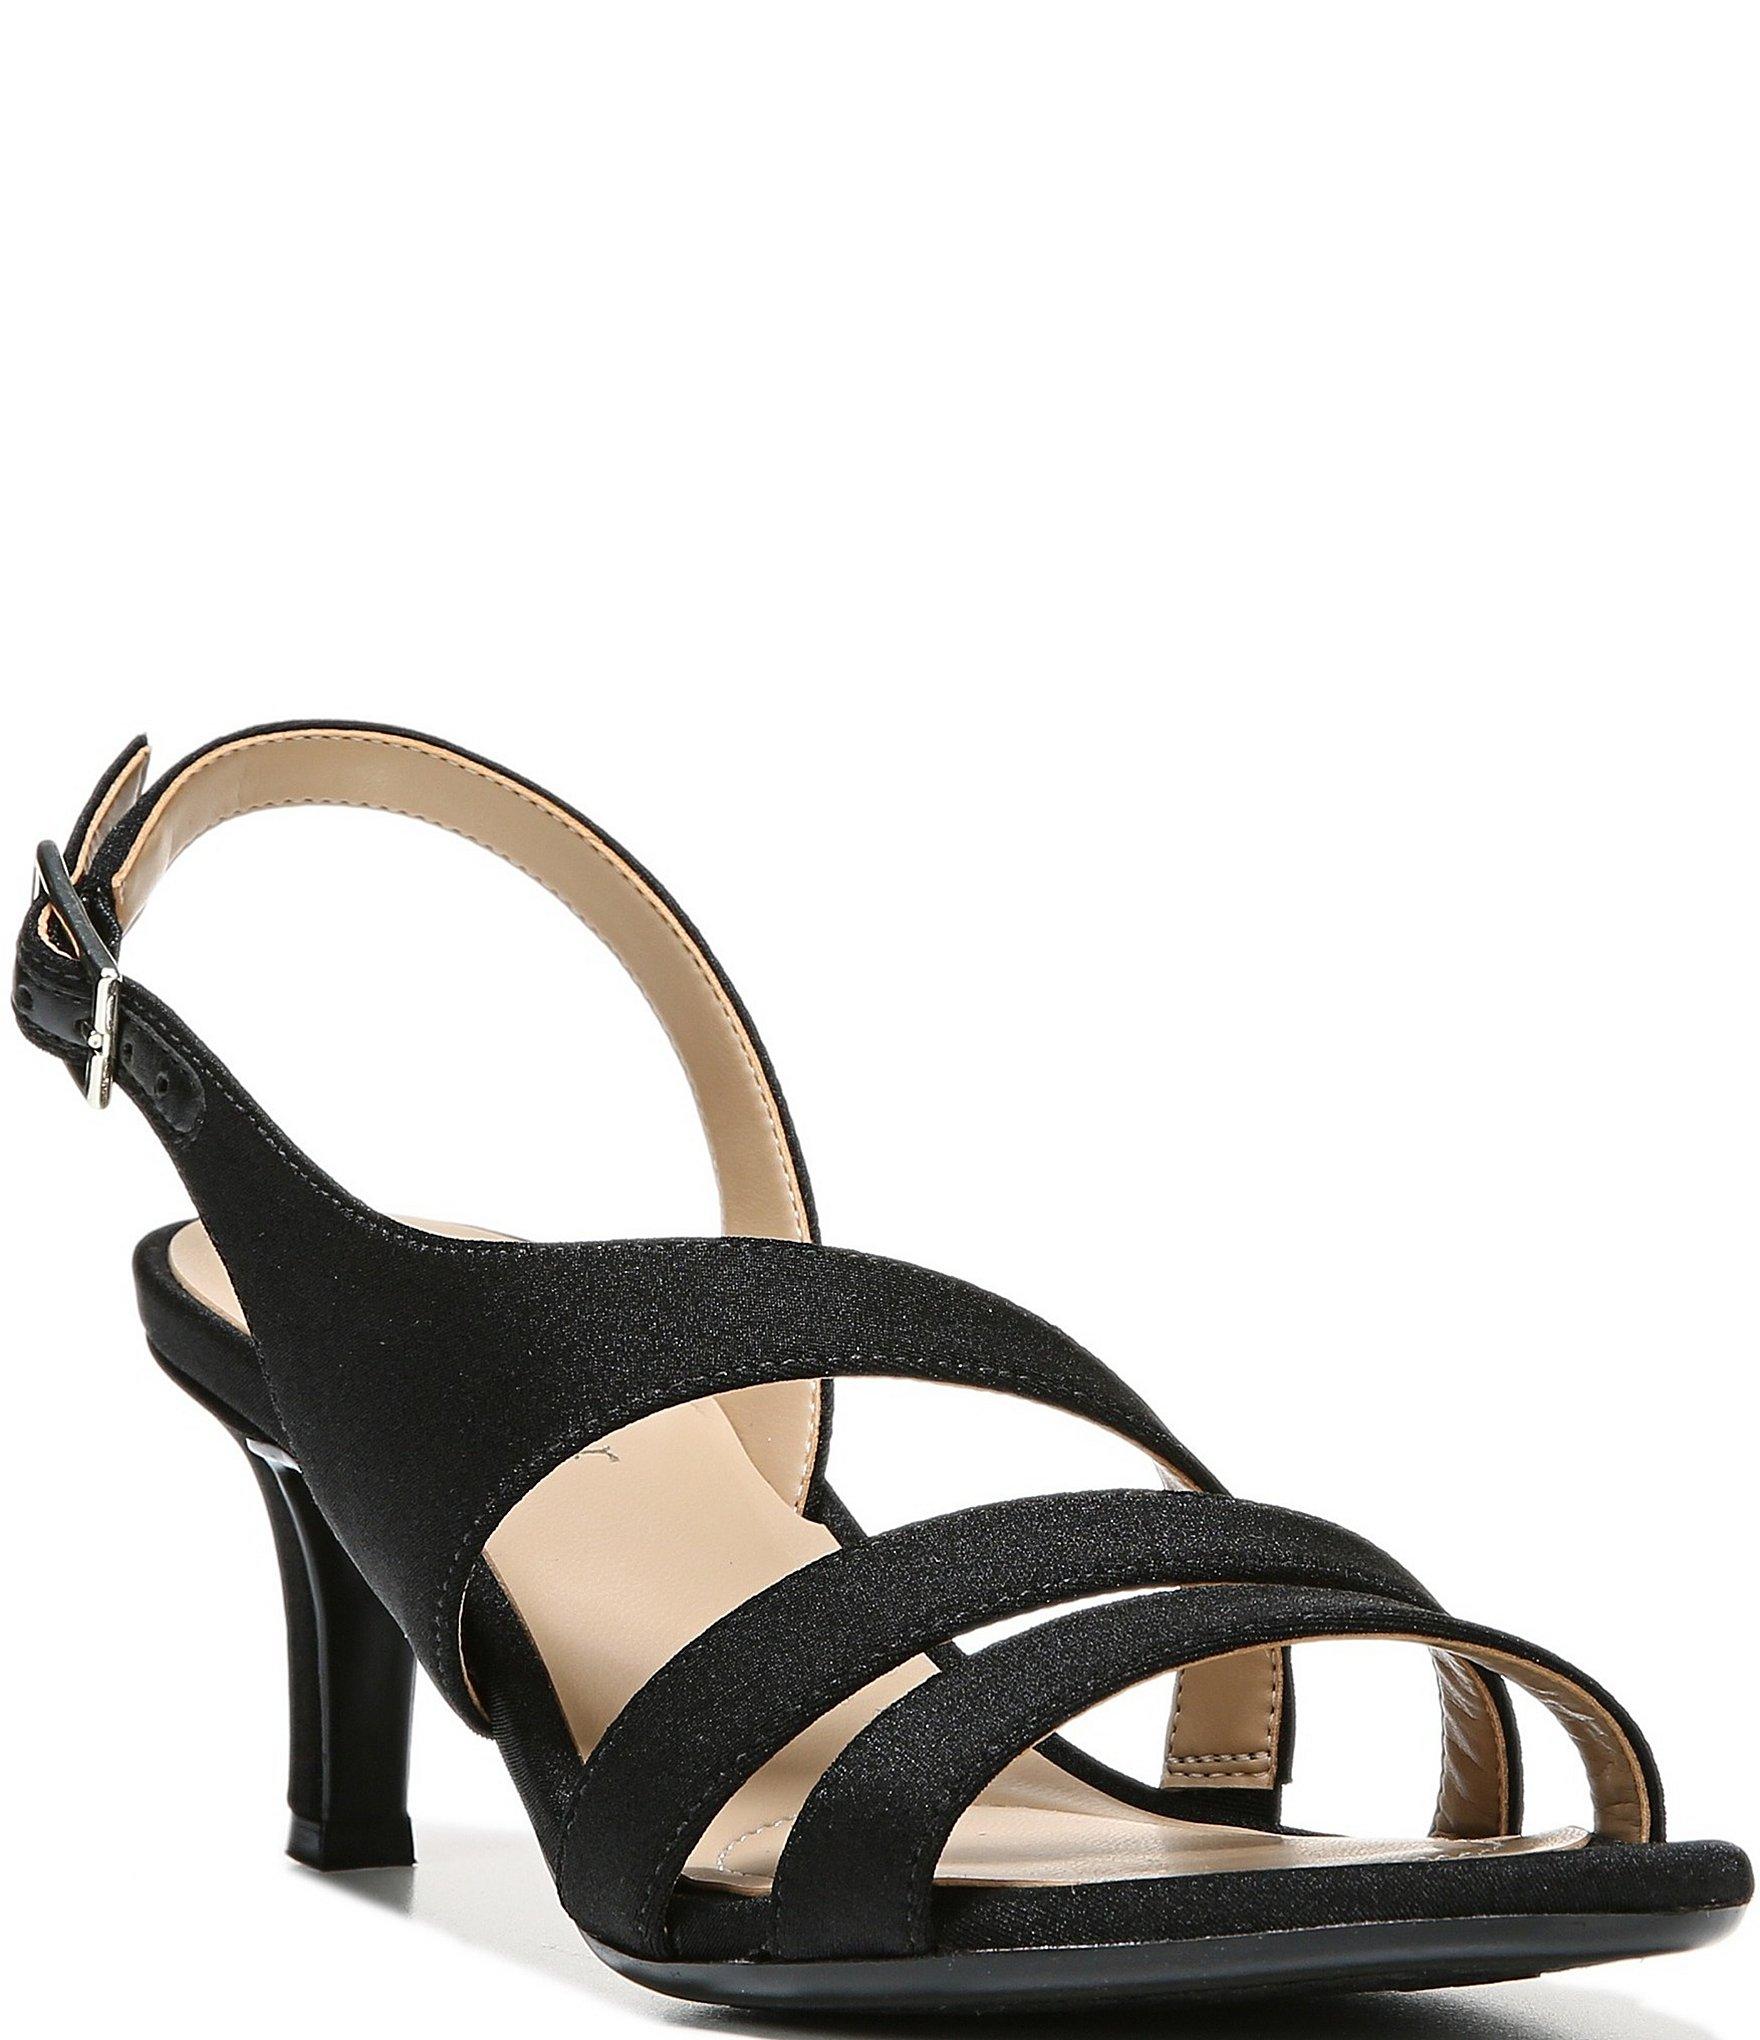 Naturalizer Taimi Dress Sandals | Dillard's